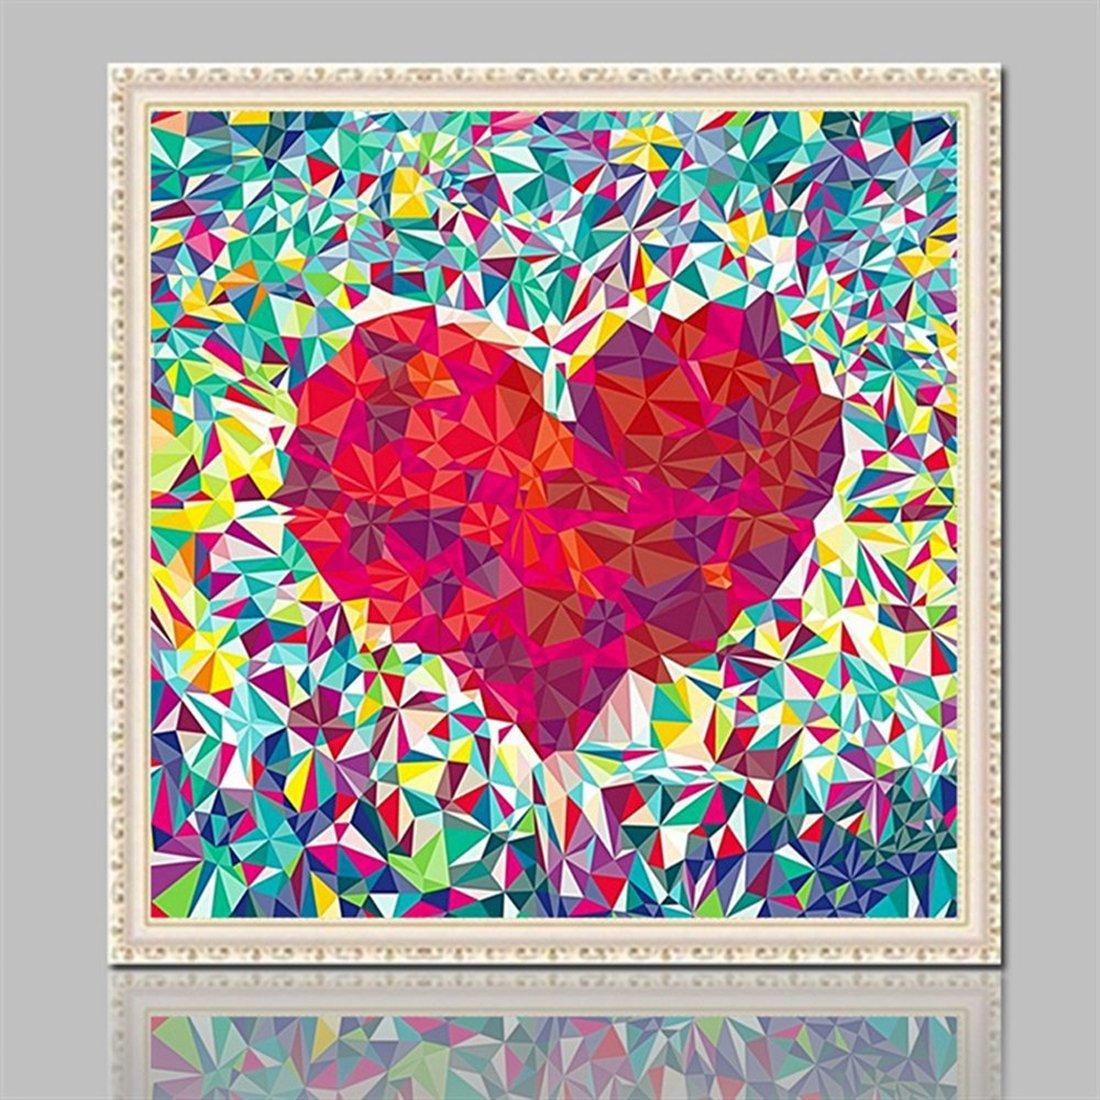 Kit per diamond painting 5D di un punto cuore rosso geometrico da 30 x 30 cm con perline tonde sfaccettate per disegnare con i numeri immagine artistica fai da te per decorare le pareti di casa